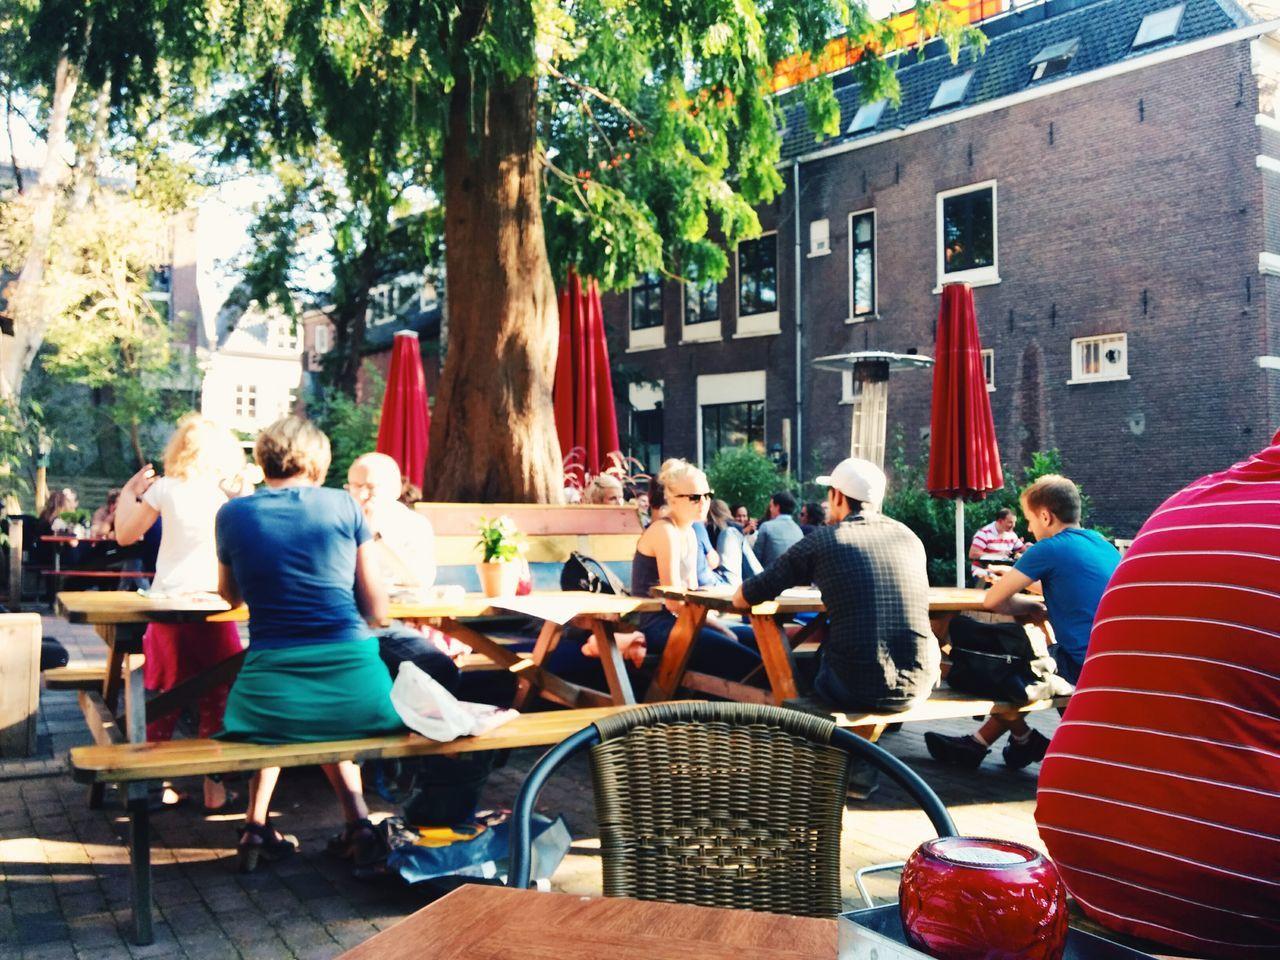 Backyard terrace. Vscocam Amersfoort